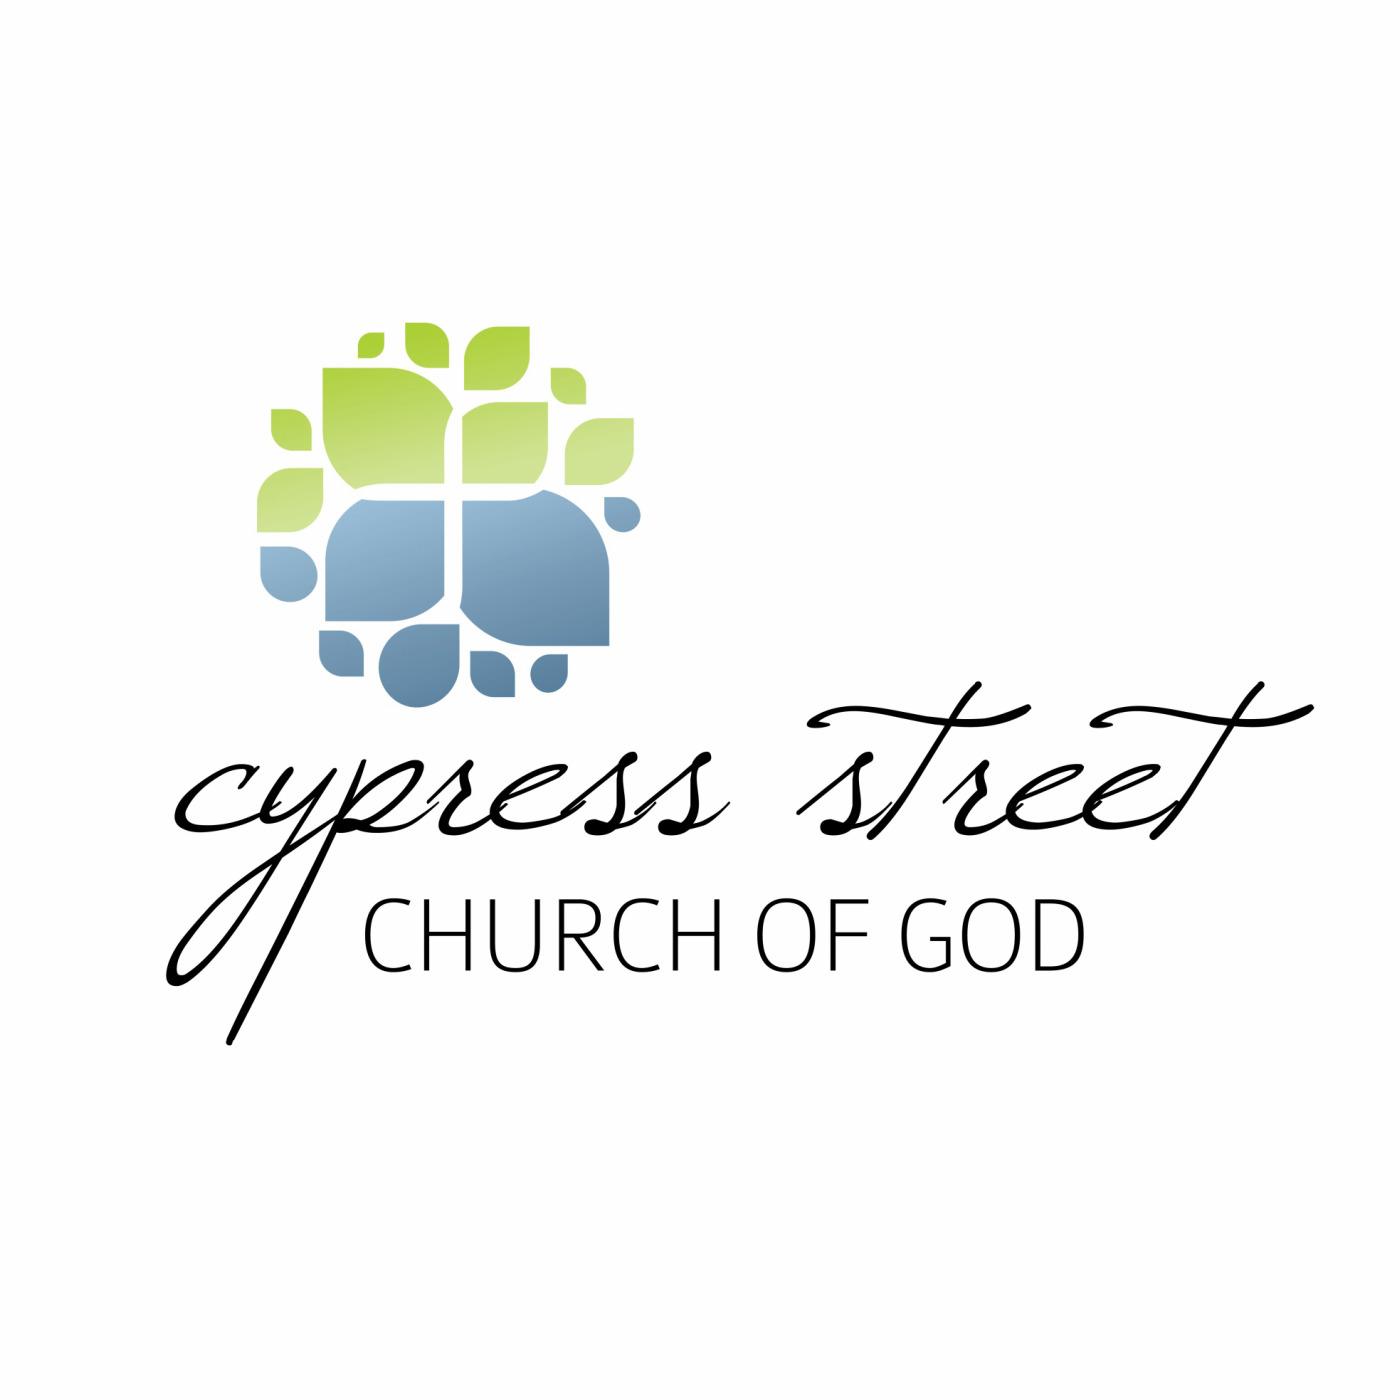 Cypress Street Messages